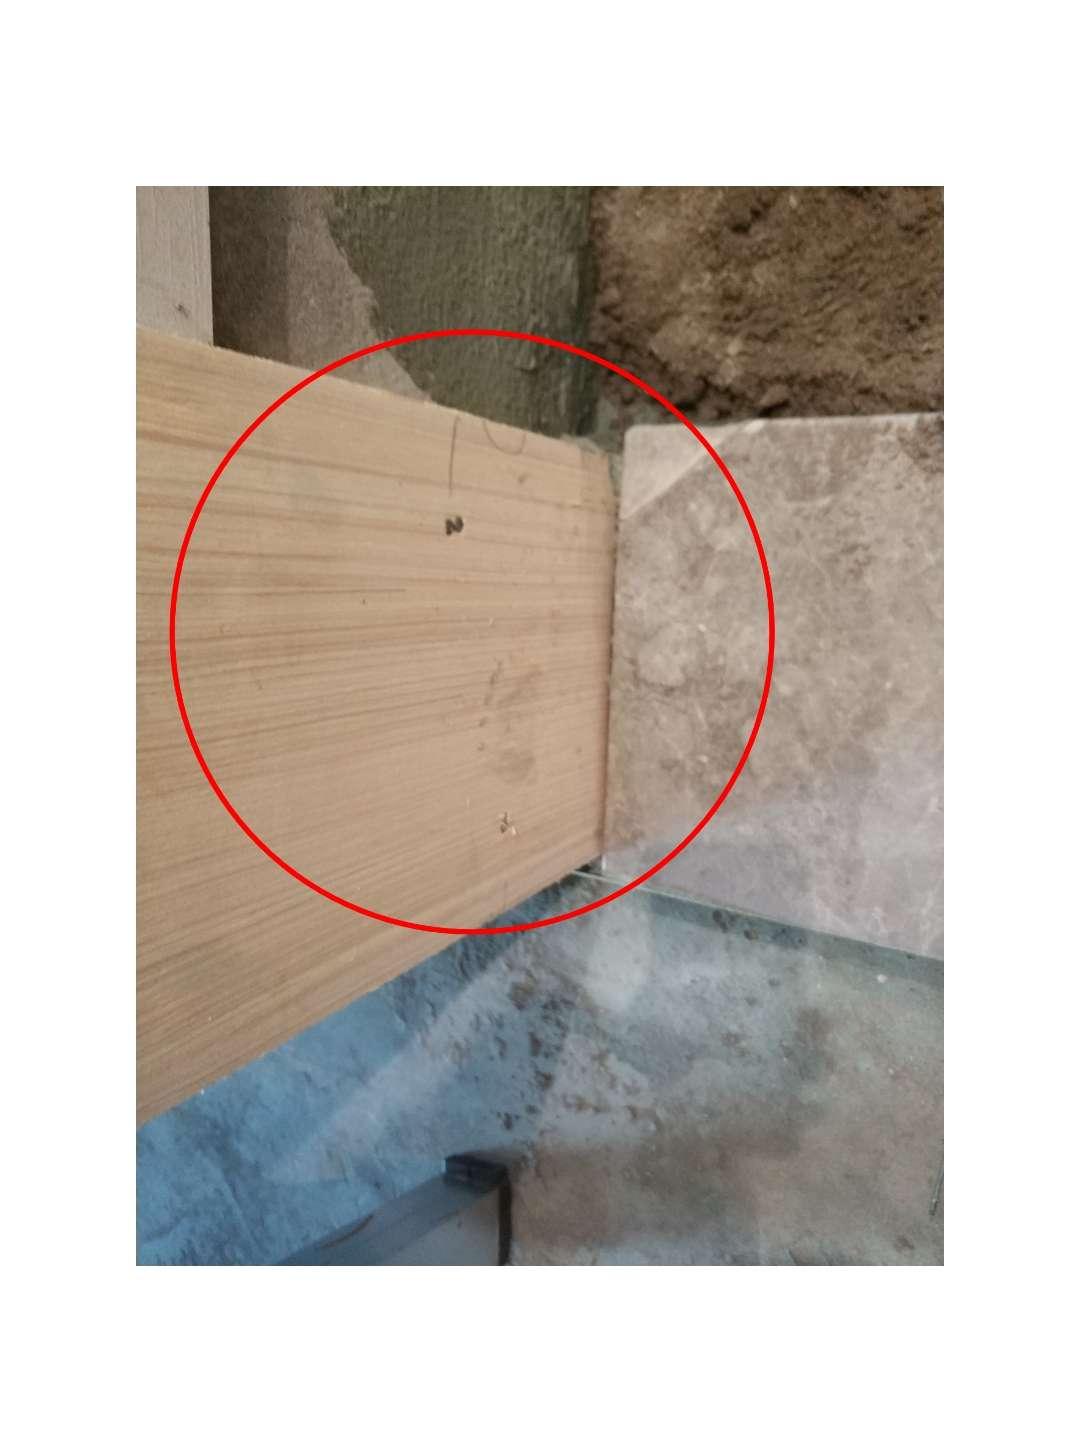 上海天山星城-瓦/木工面层施工检查-2018-10-14